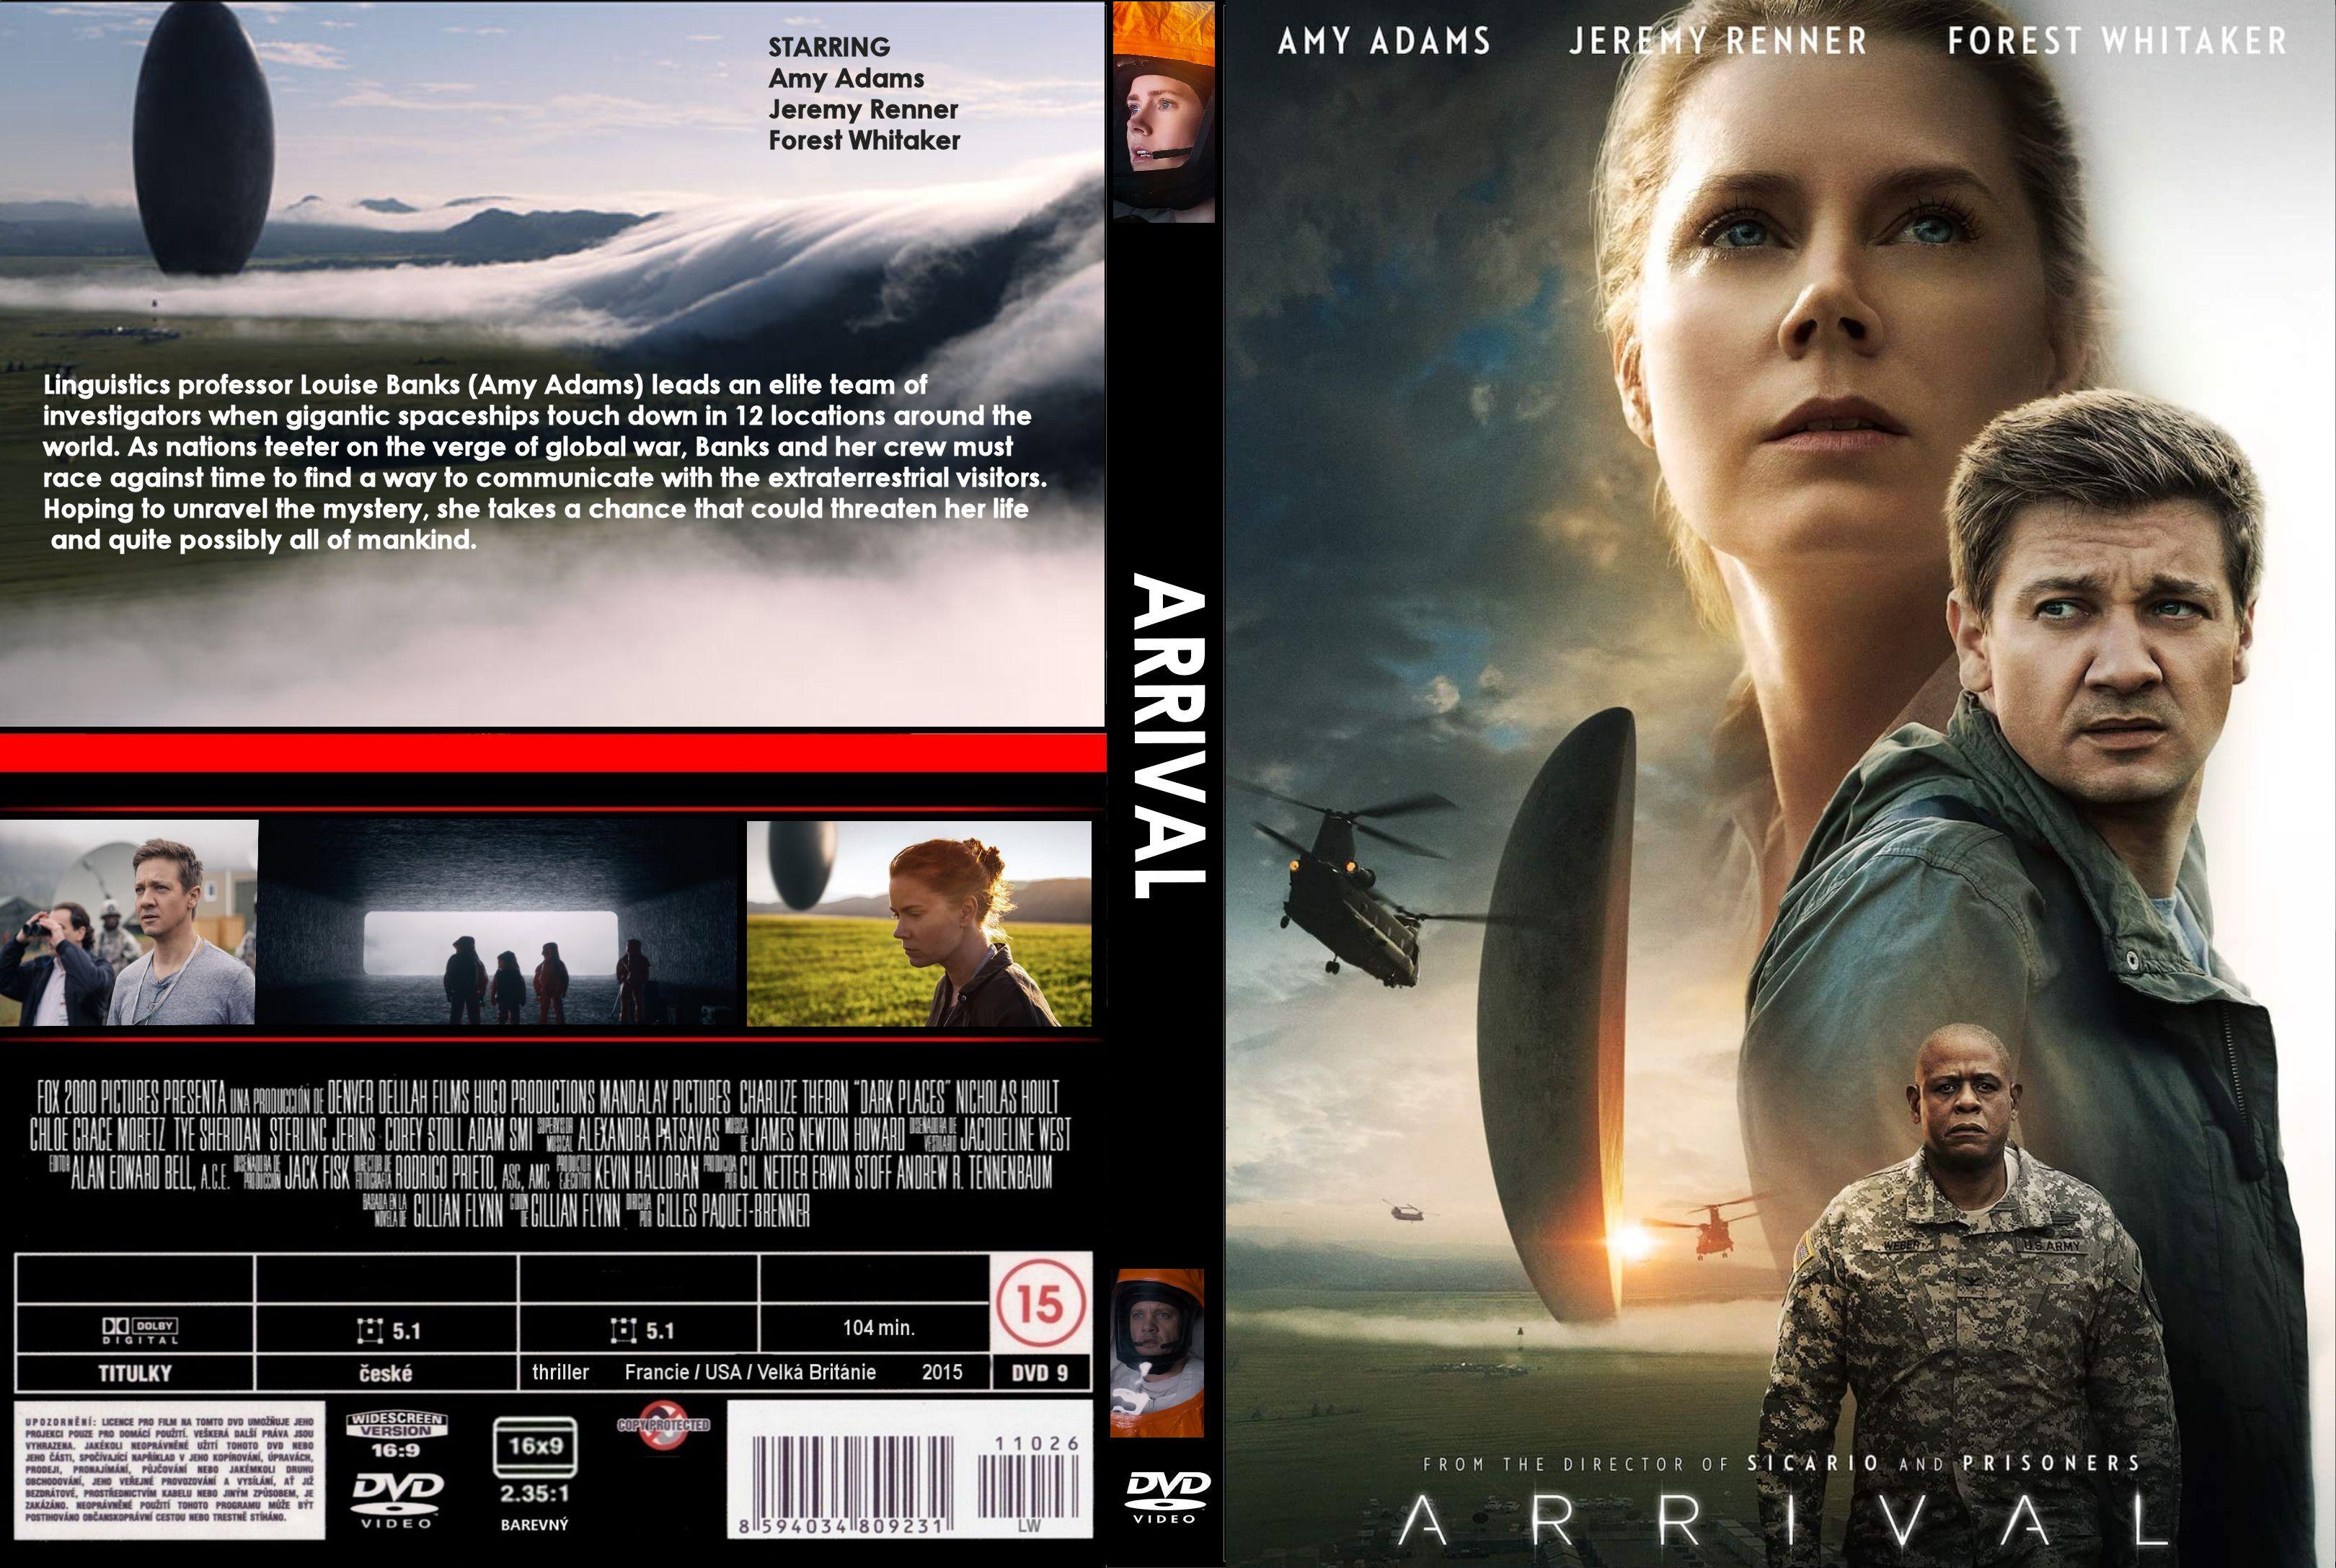 Arrival 2016 Film Wonderful Image Gallery